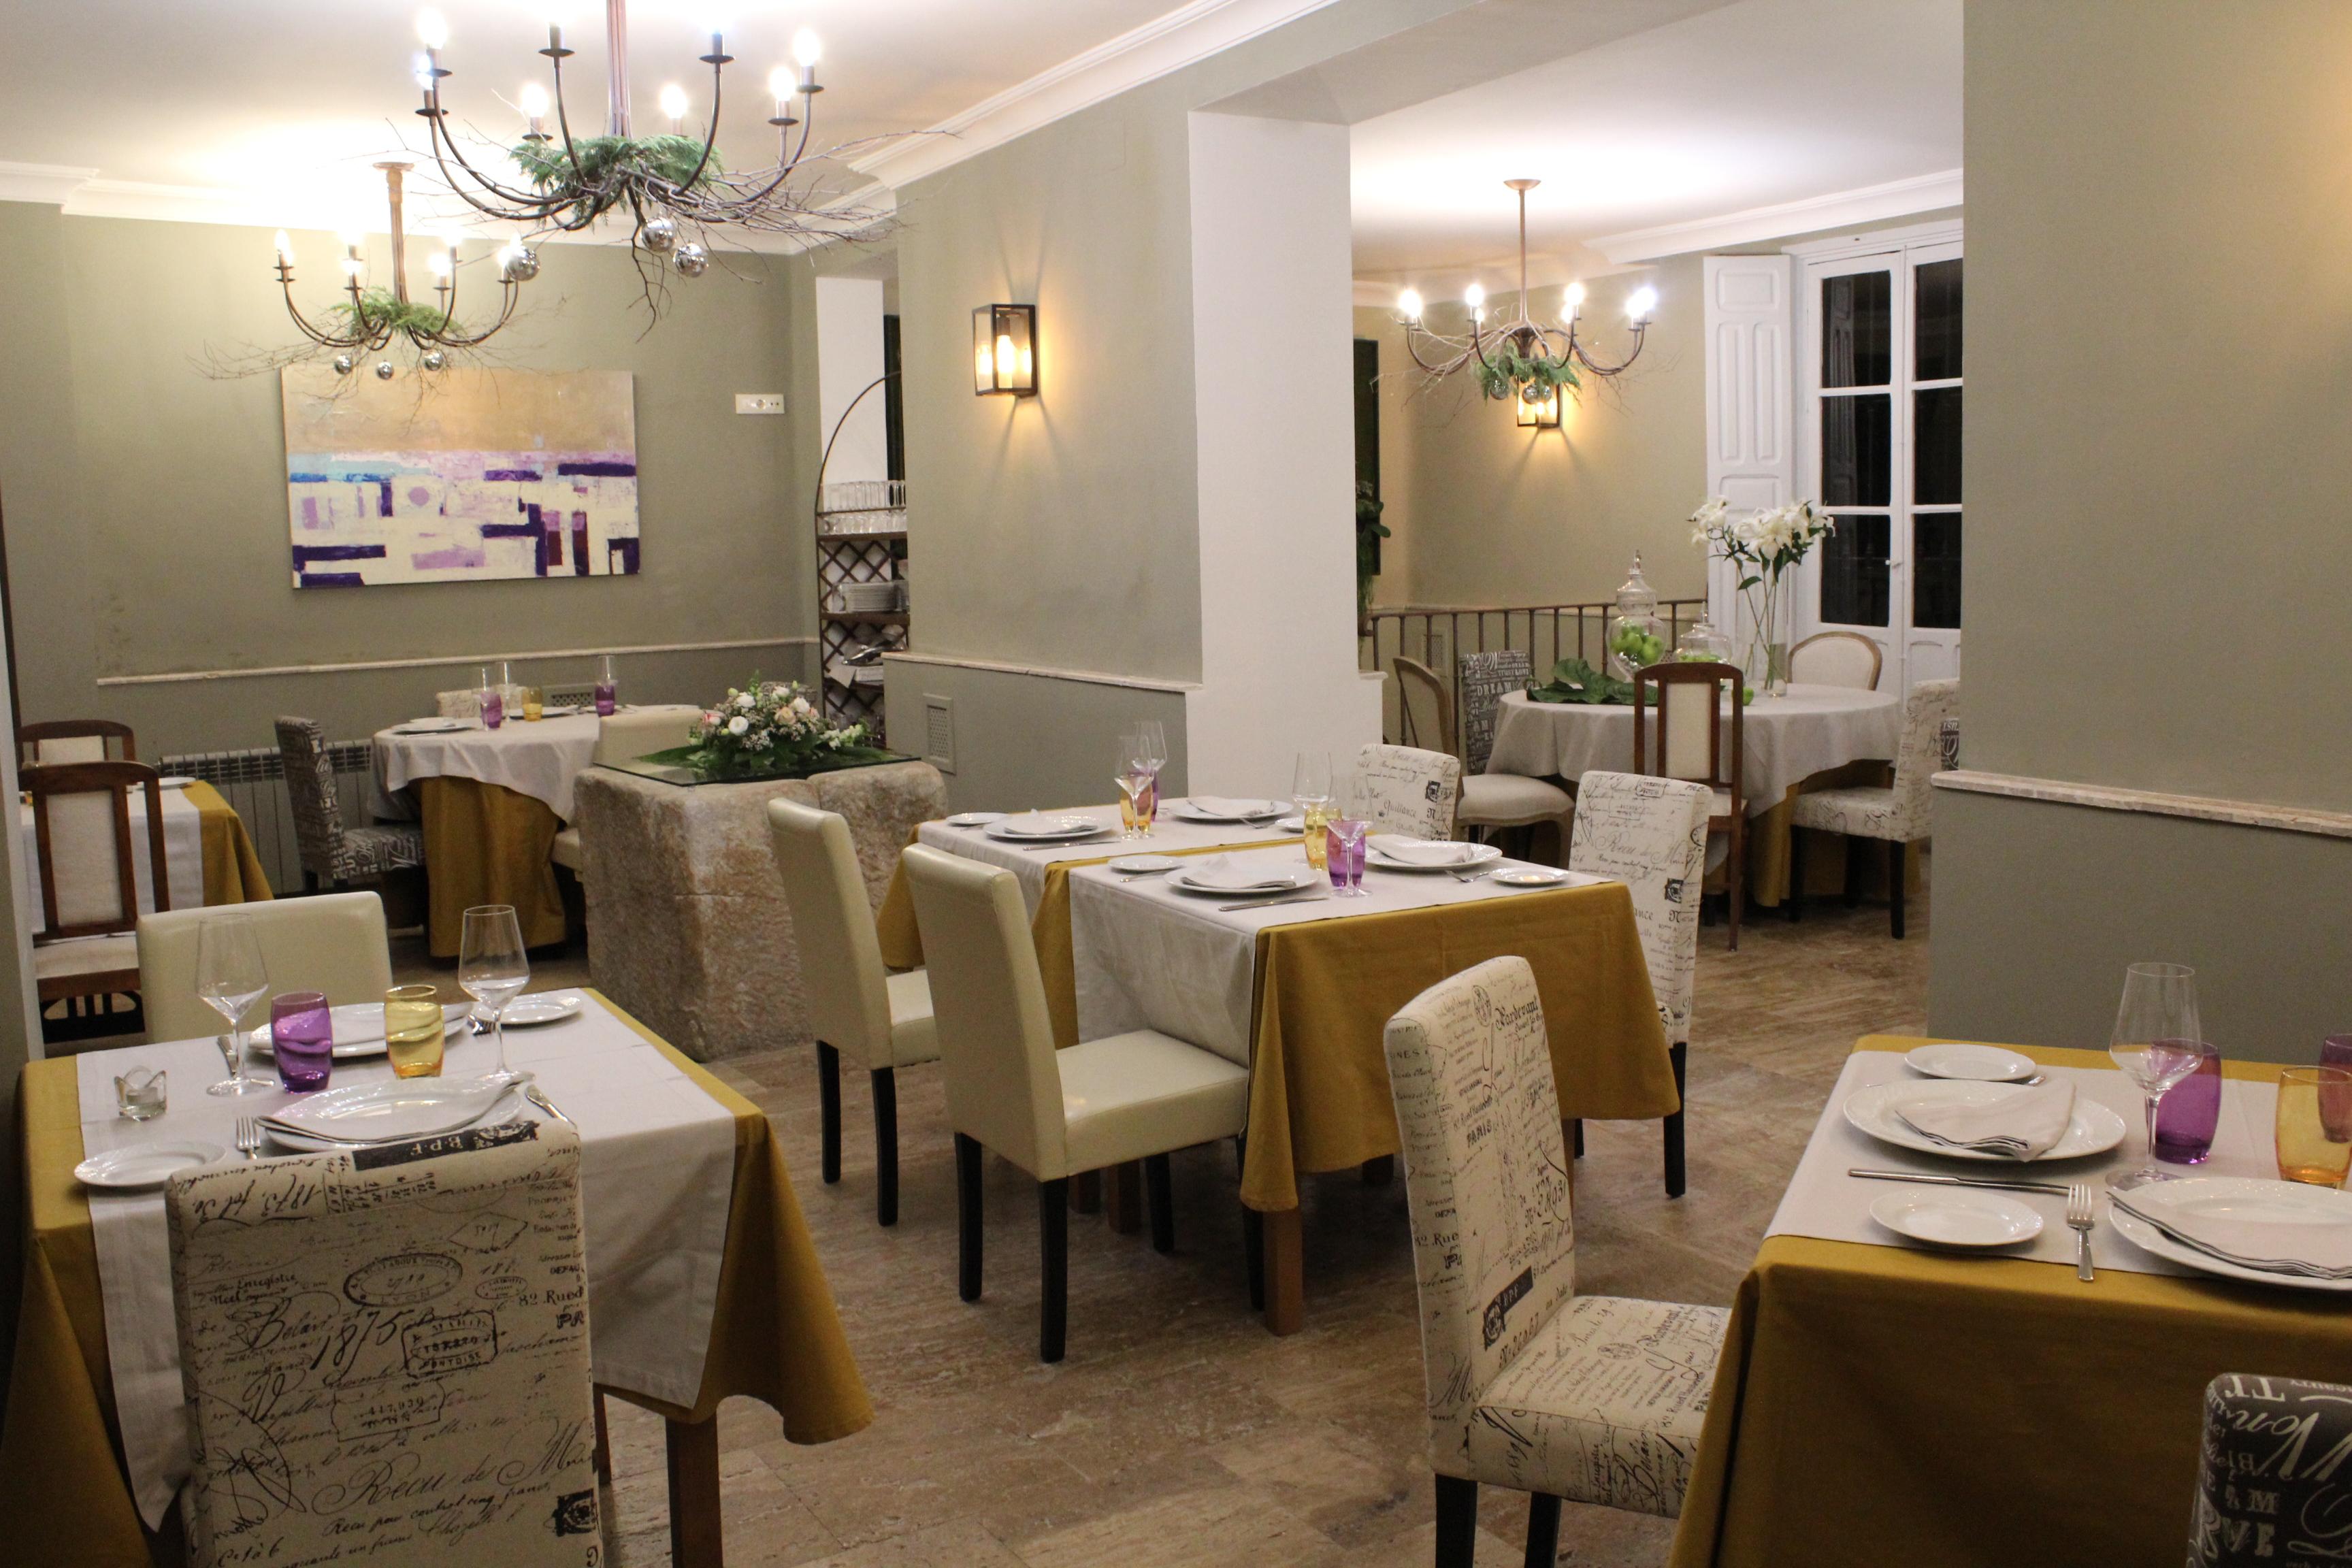 Os presentamos al Restaurante El retorno | La Vida de Antes